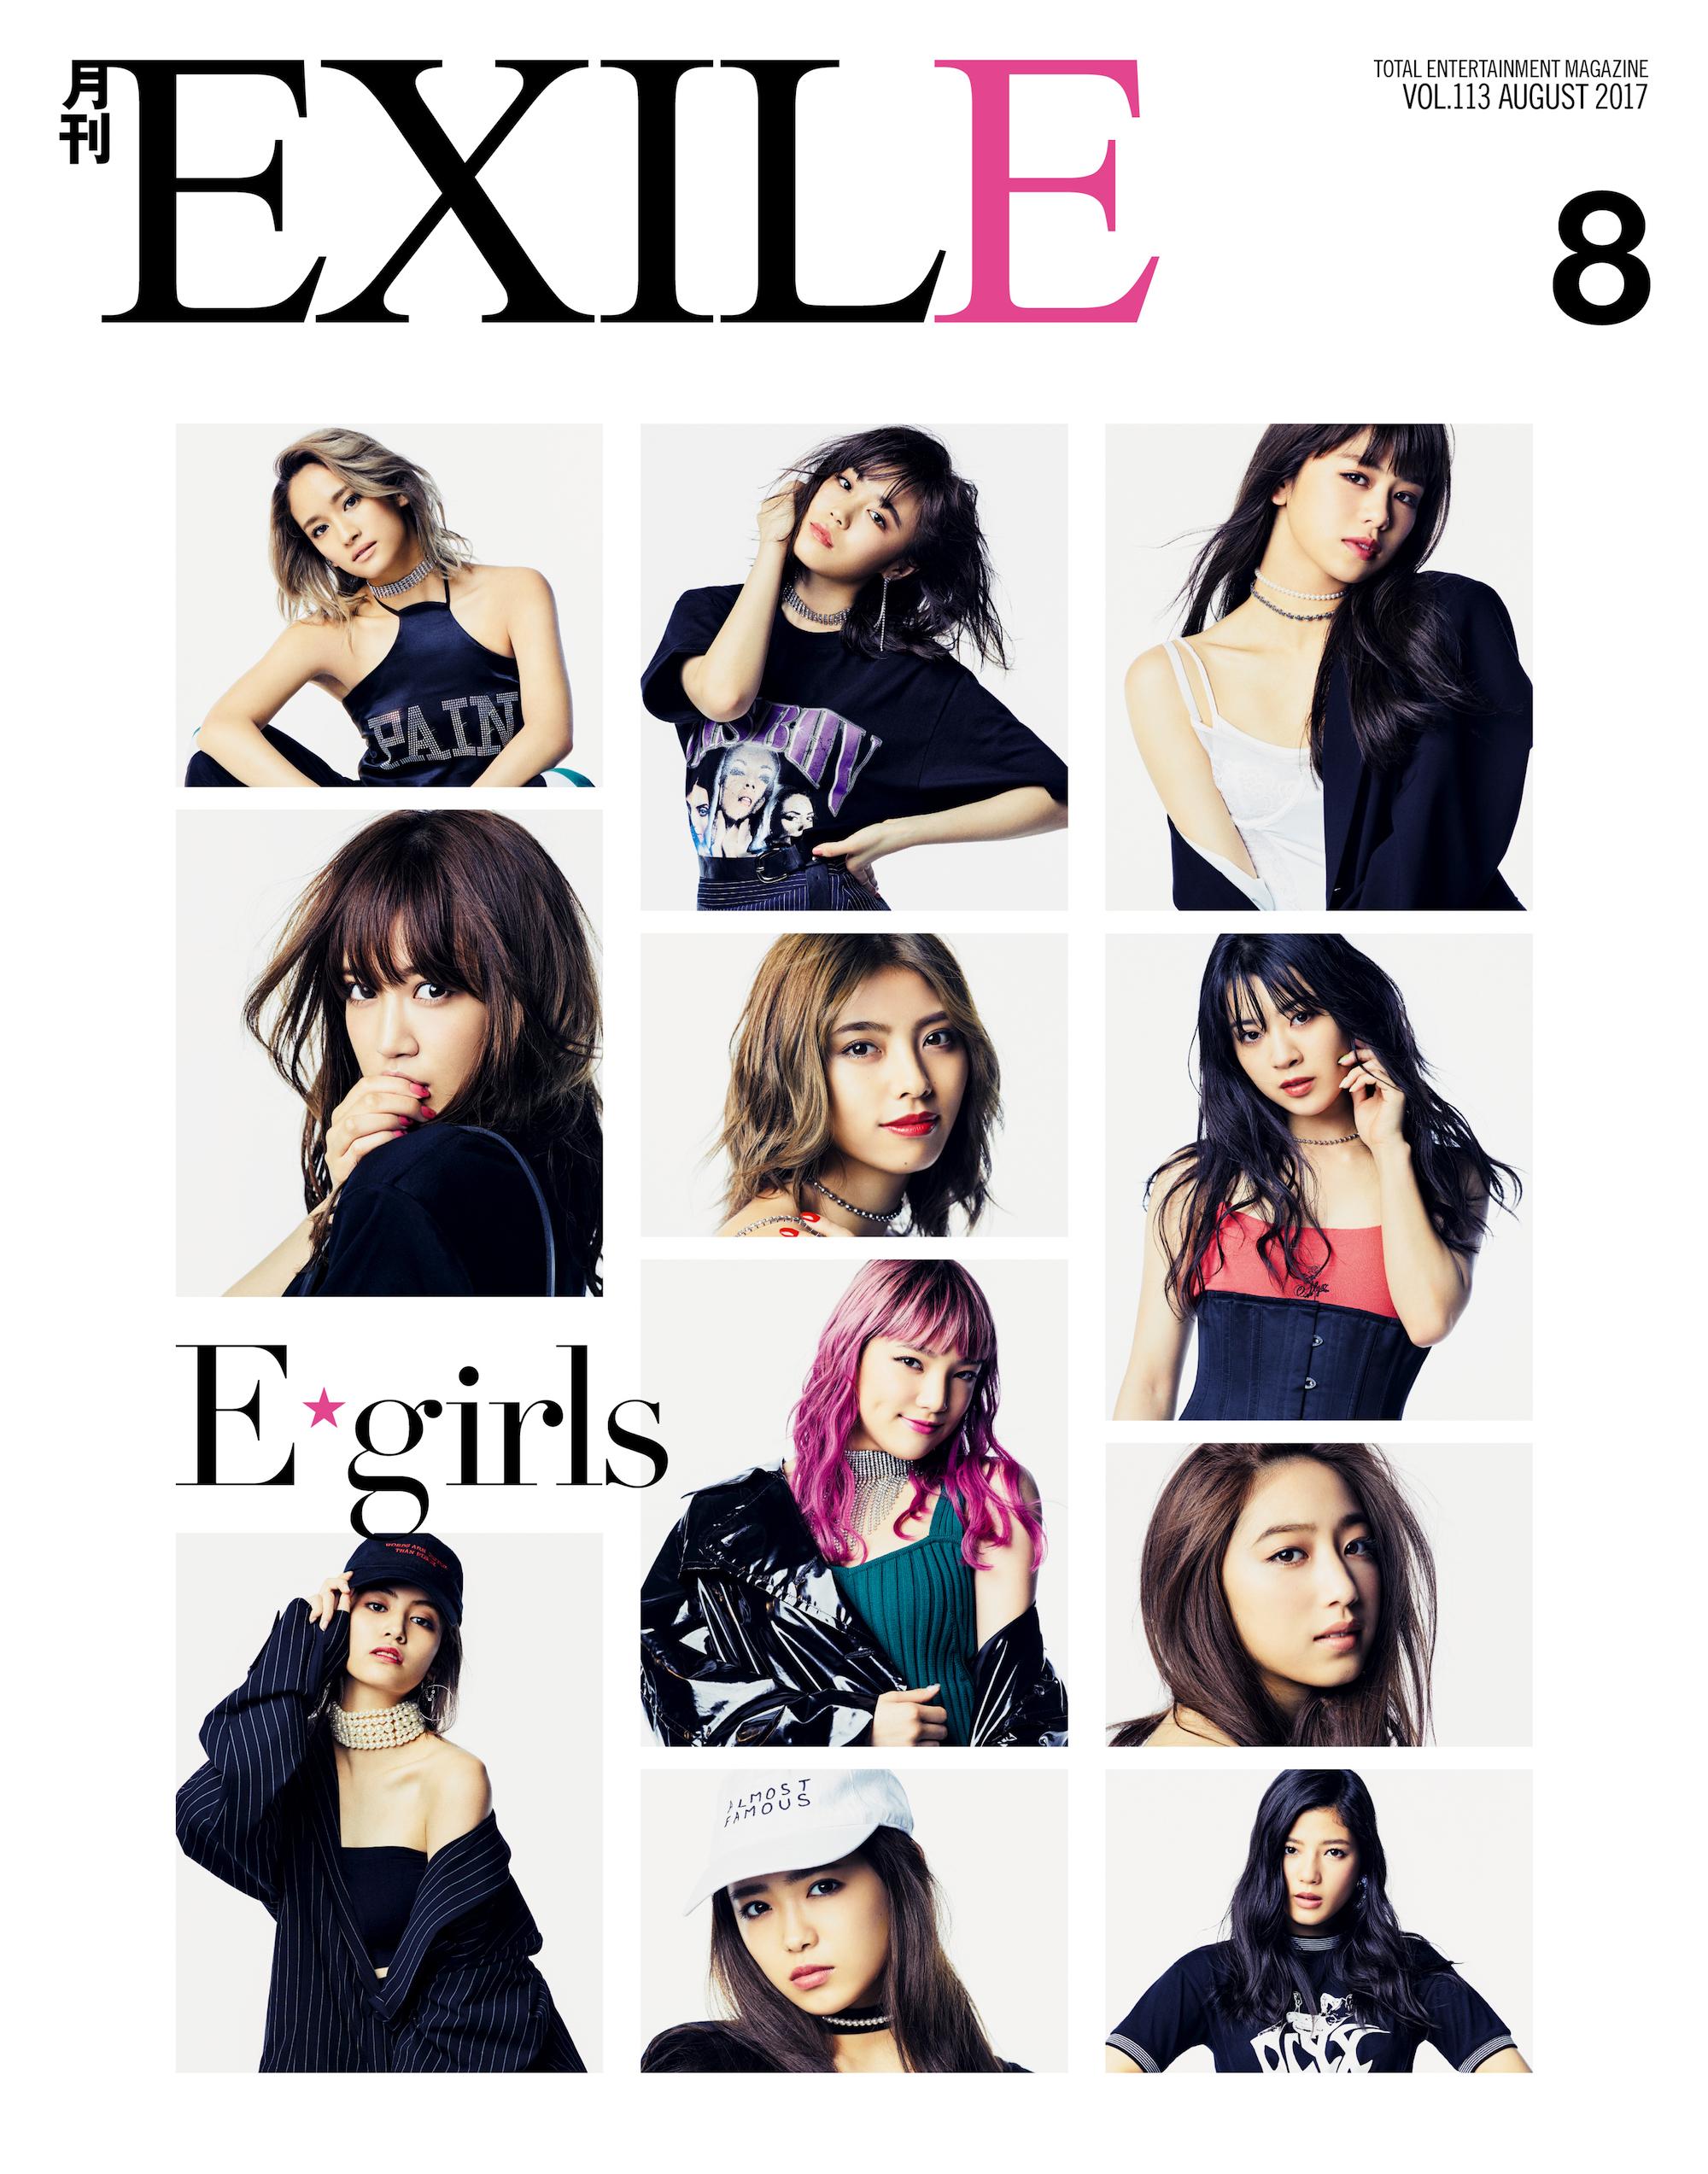 E.G.familyの紹介も含め全30ページ独占『新生E-girlsにしかできないことをたくさん届けていく』